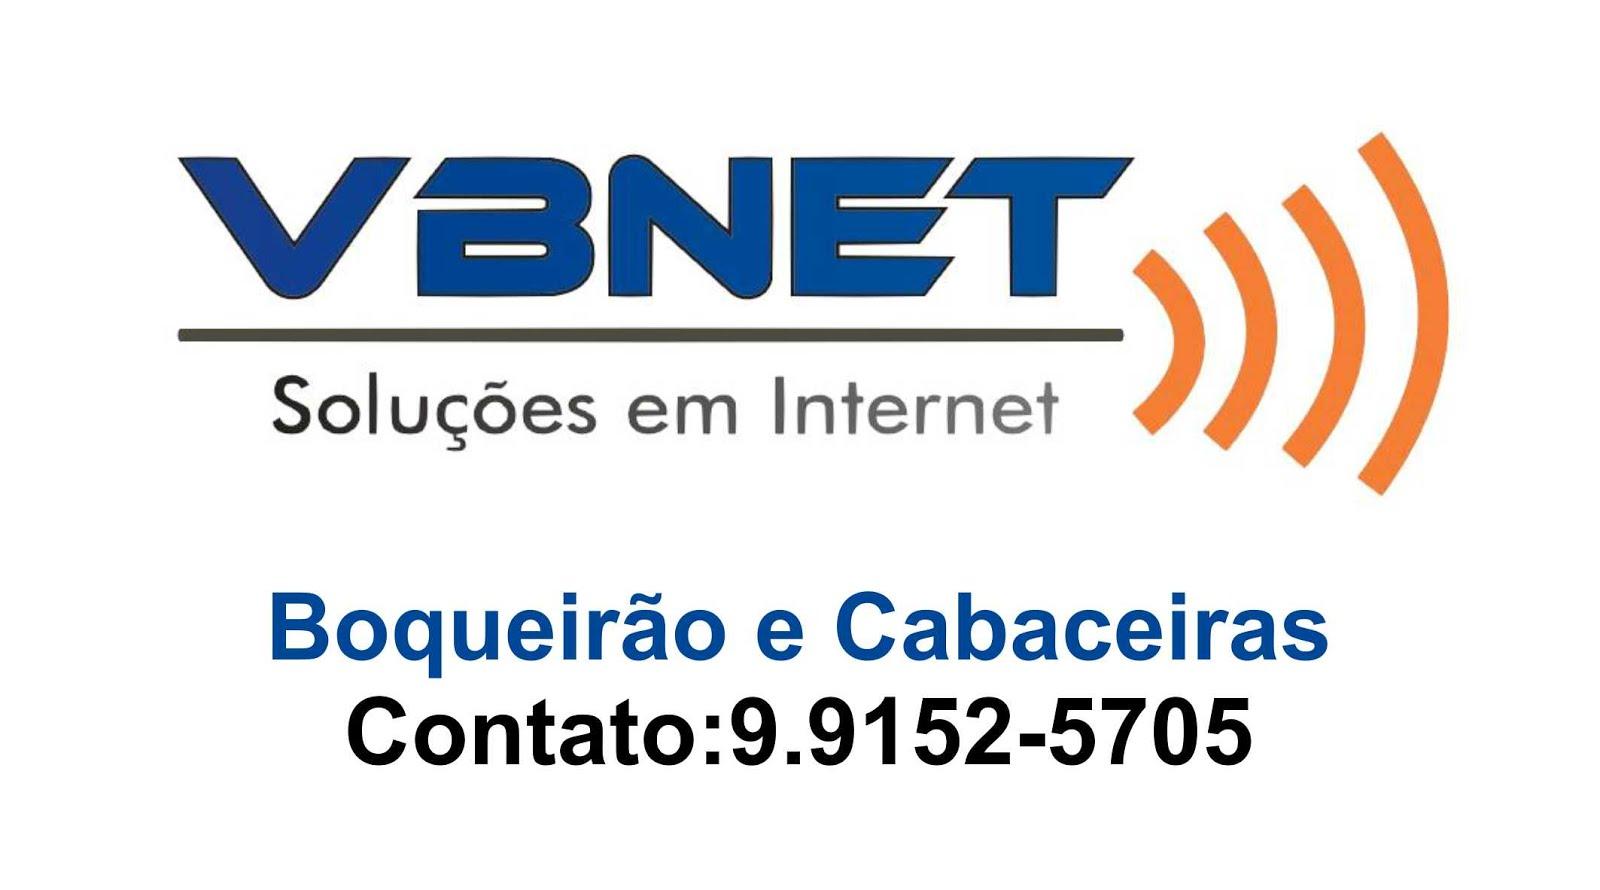 VB NET